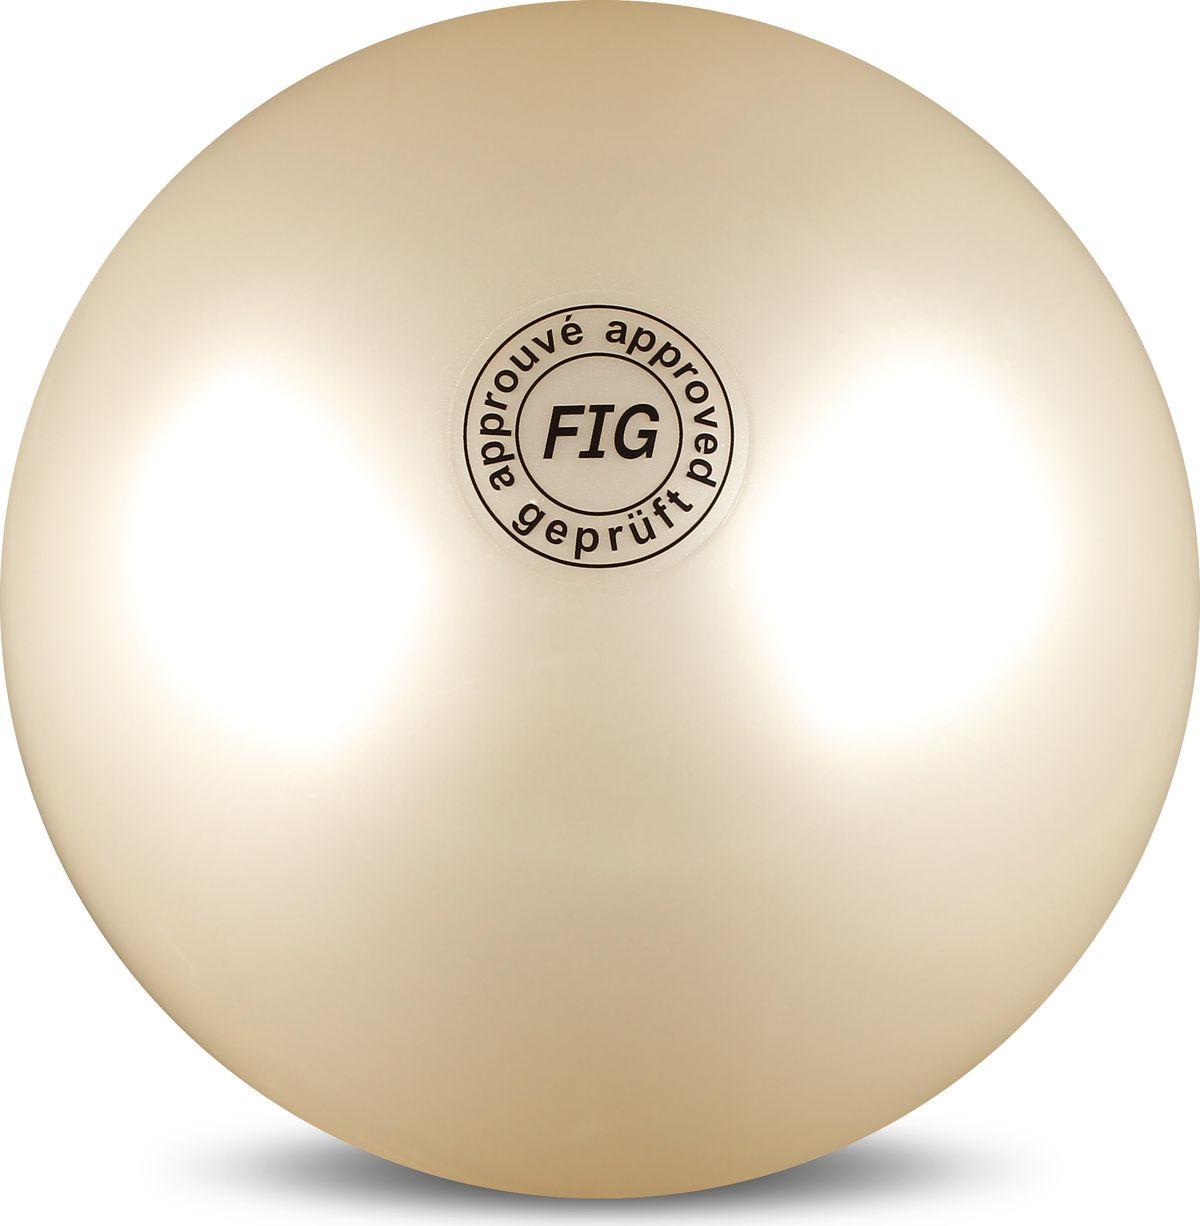 Мяч гимнастический Indigo, цвет: белый, диаметр 19 см мяч гимнастический indigo in001 цвет голубой диаметр 75 см